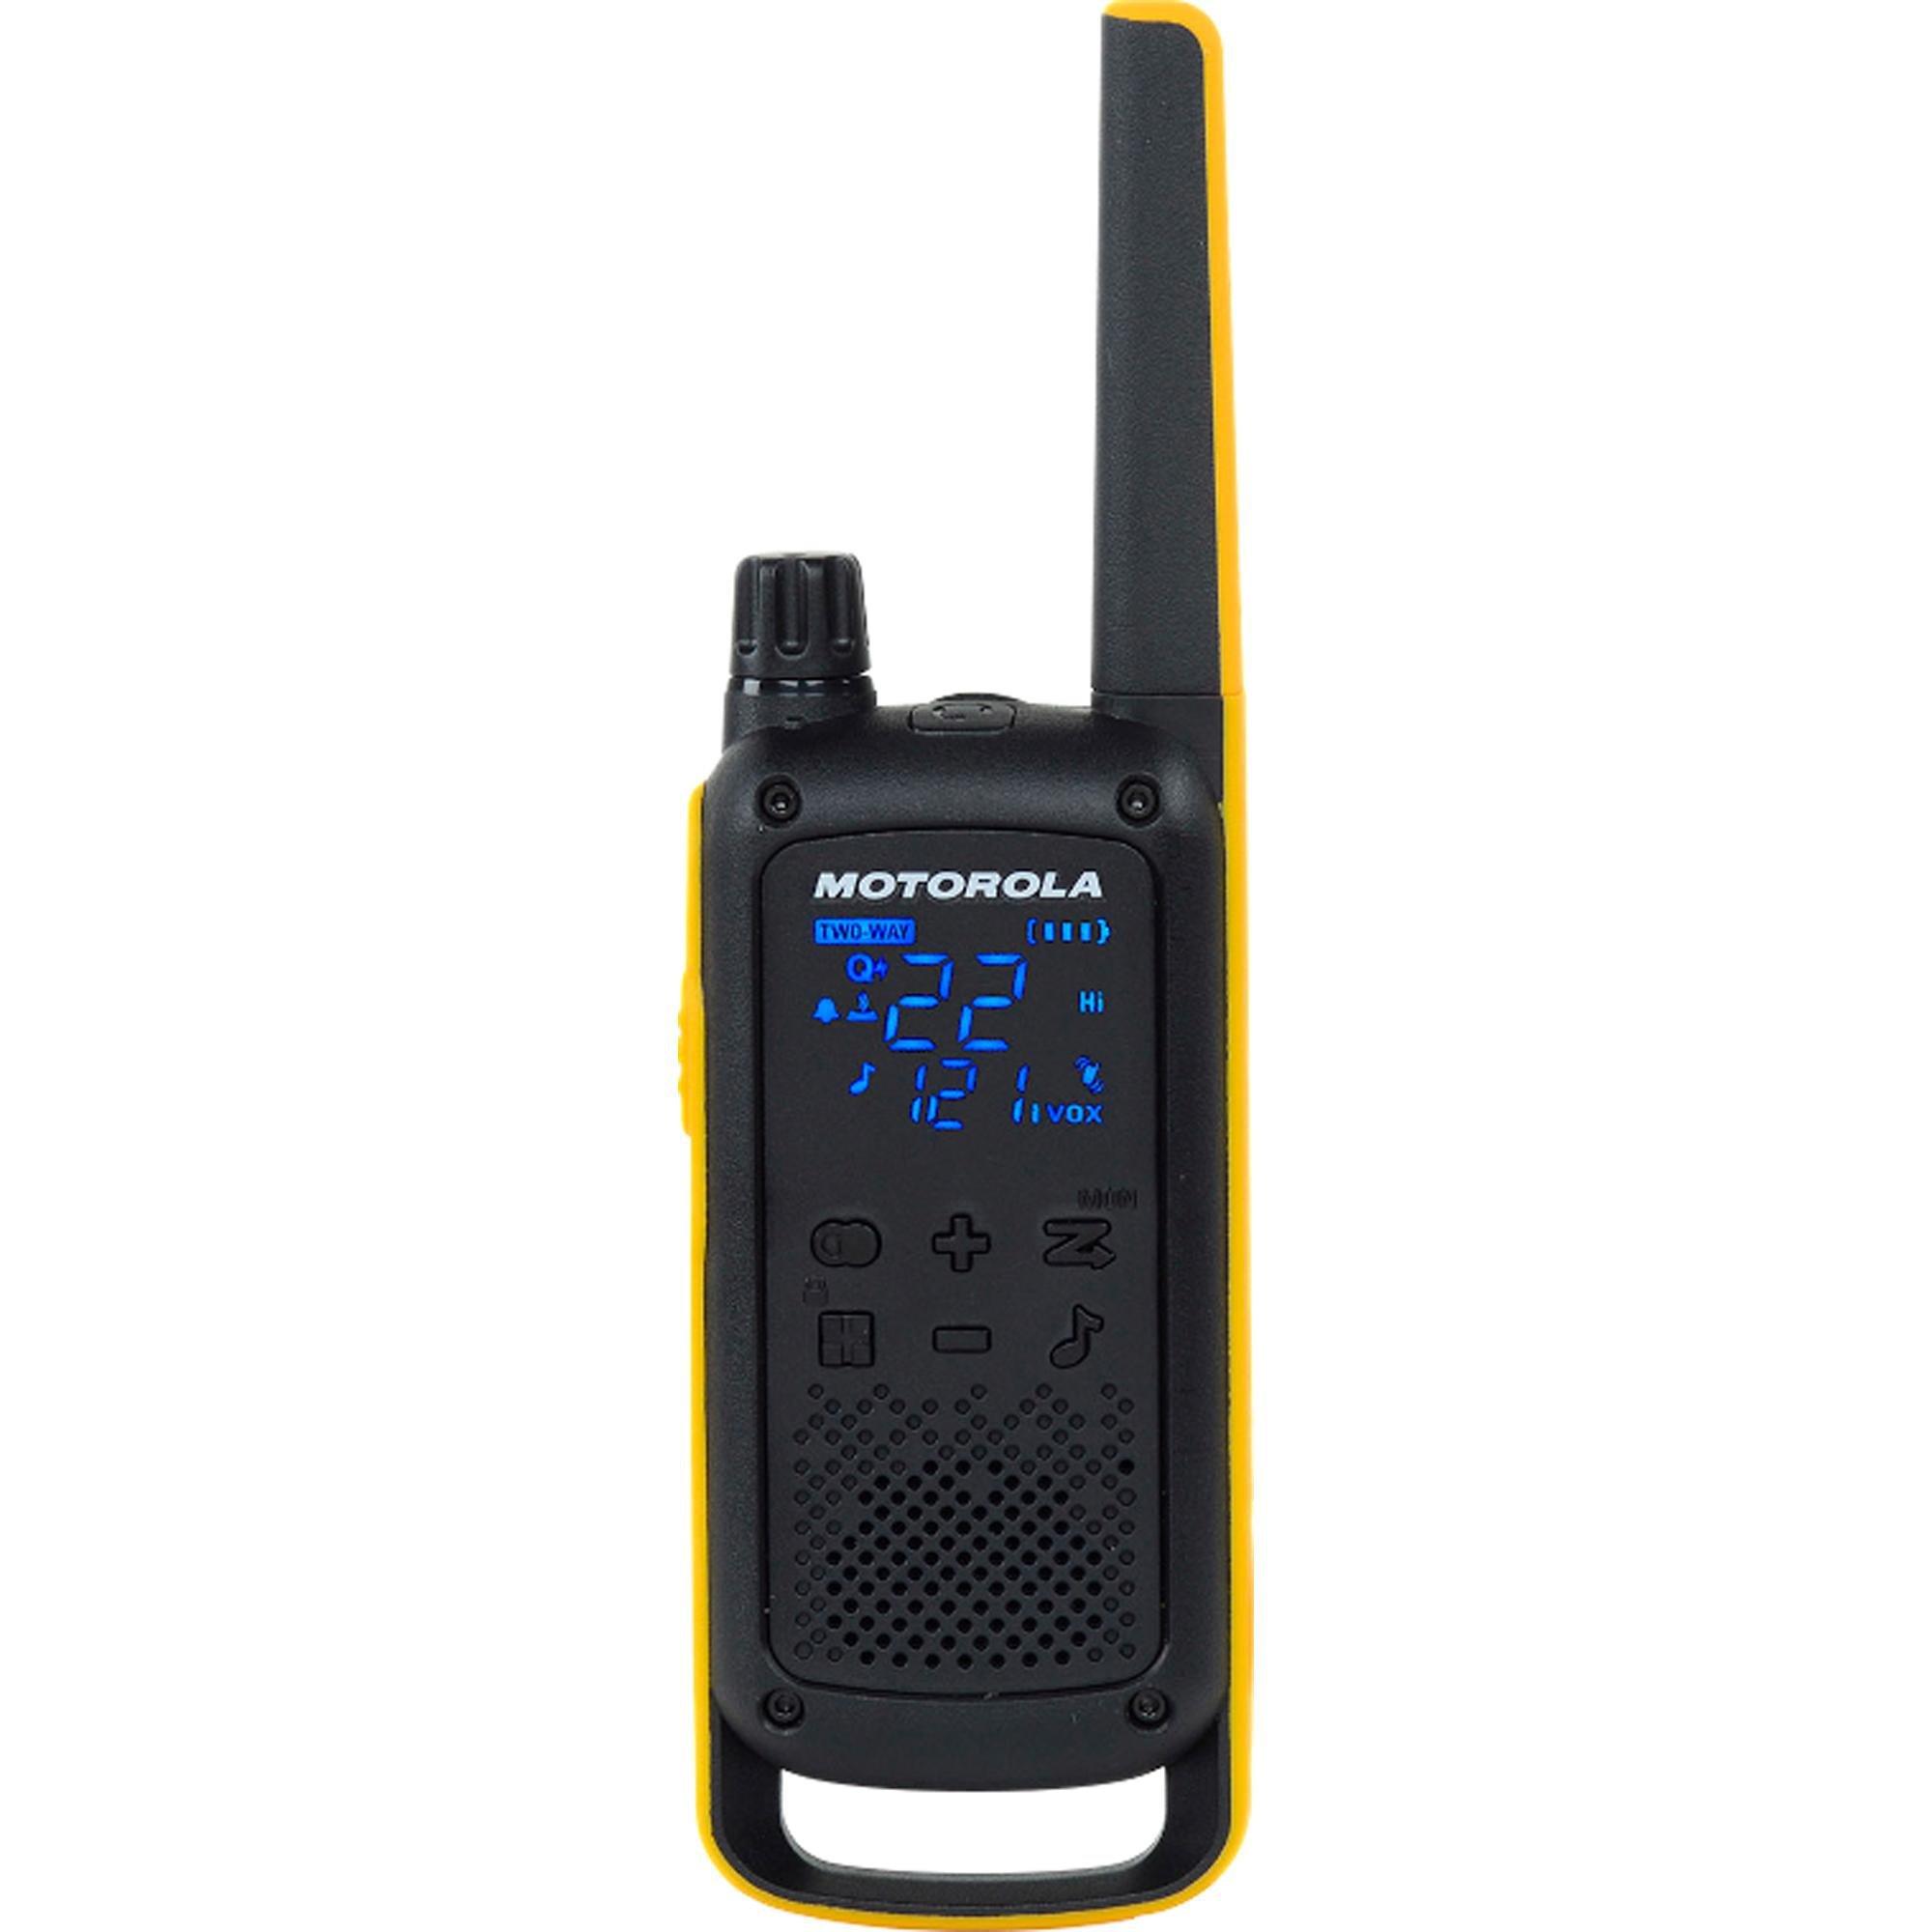 radio comunicador economize 2 motorola par t470br amarelo preto talkabout 35km 50299 2000 201586 1